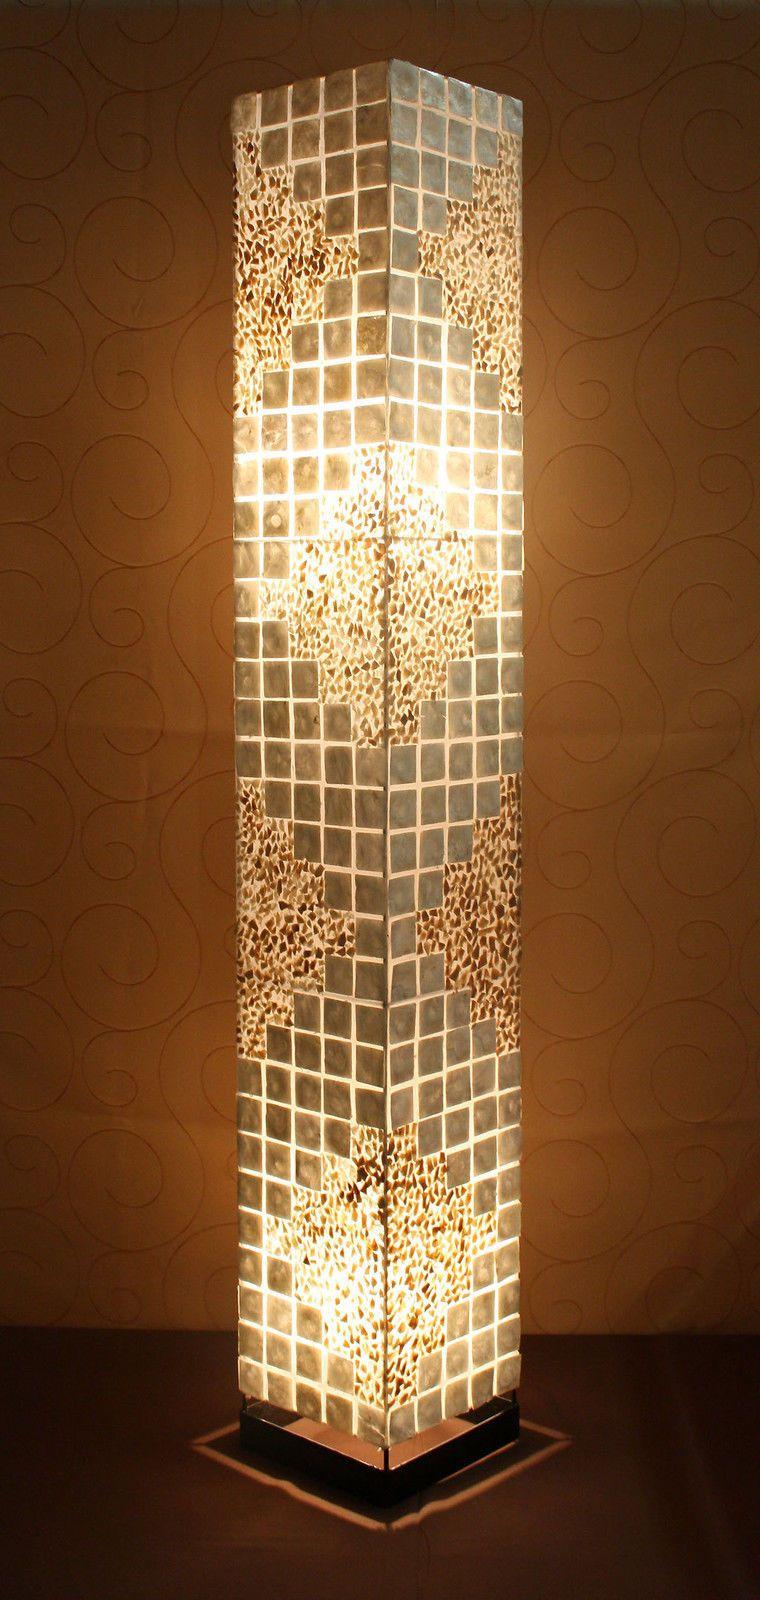 Full Size of Asiatische Stehleuchte Perlmutt Asia Lampen Stehlampen Designer Wohnzimmer Stehlampe Schlafzimmer Wohnzimmer Kristall Stehlampe